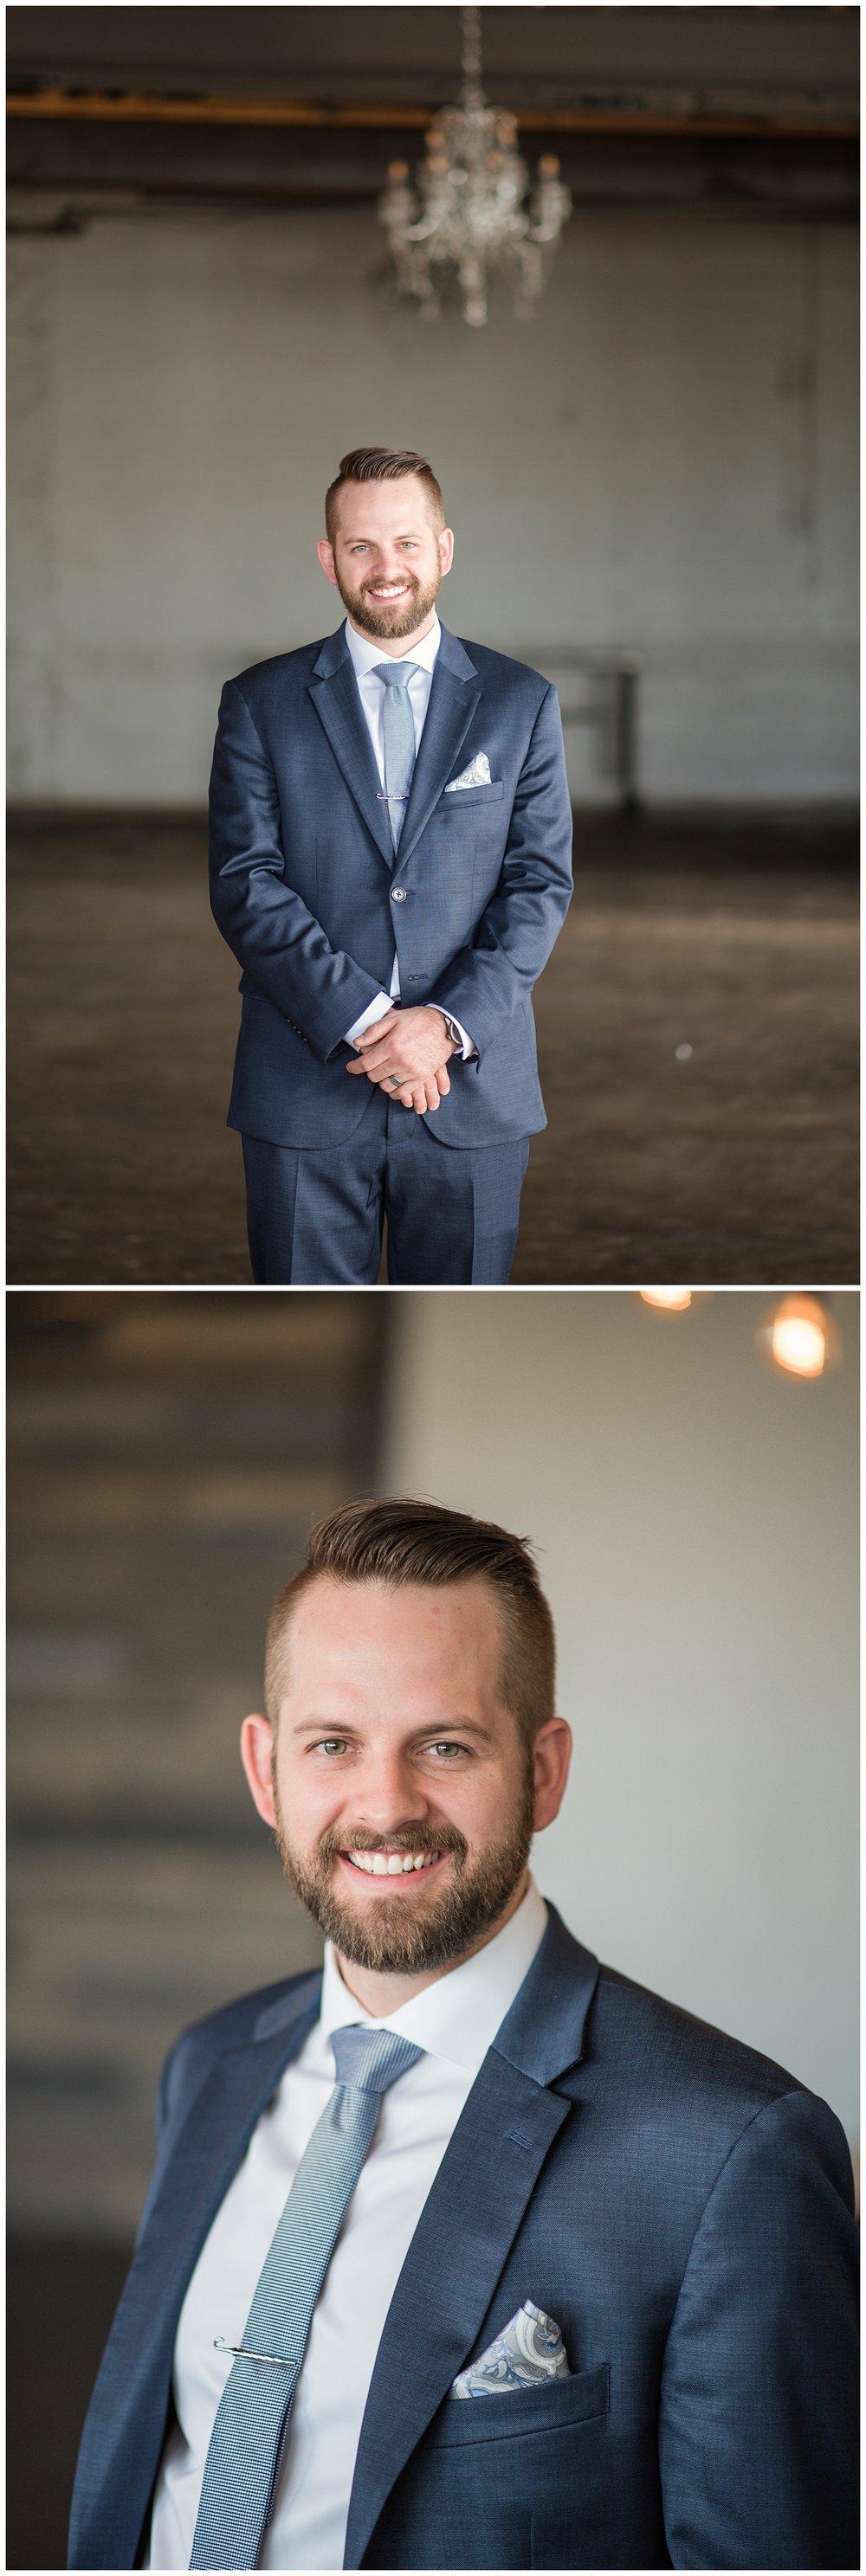 Denver Business Photographer, Denver Headshot Photographer, Colorado Headshot Photographer, Colorado Corporate Photographer, Denver Entrepreneur Photographer, Photos Moss Denver, headshot photographer in denver